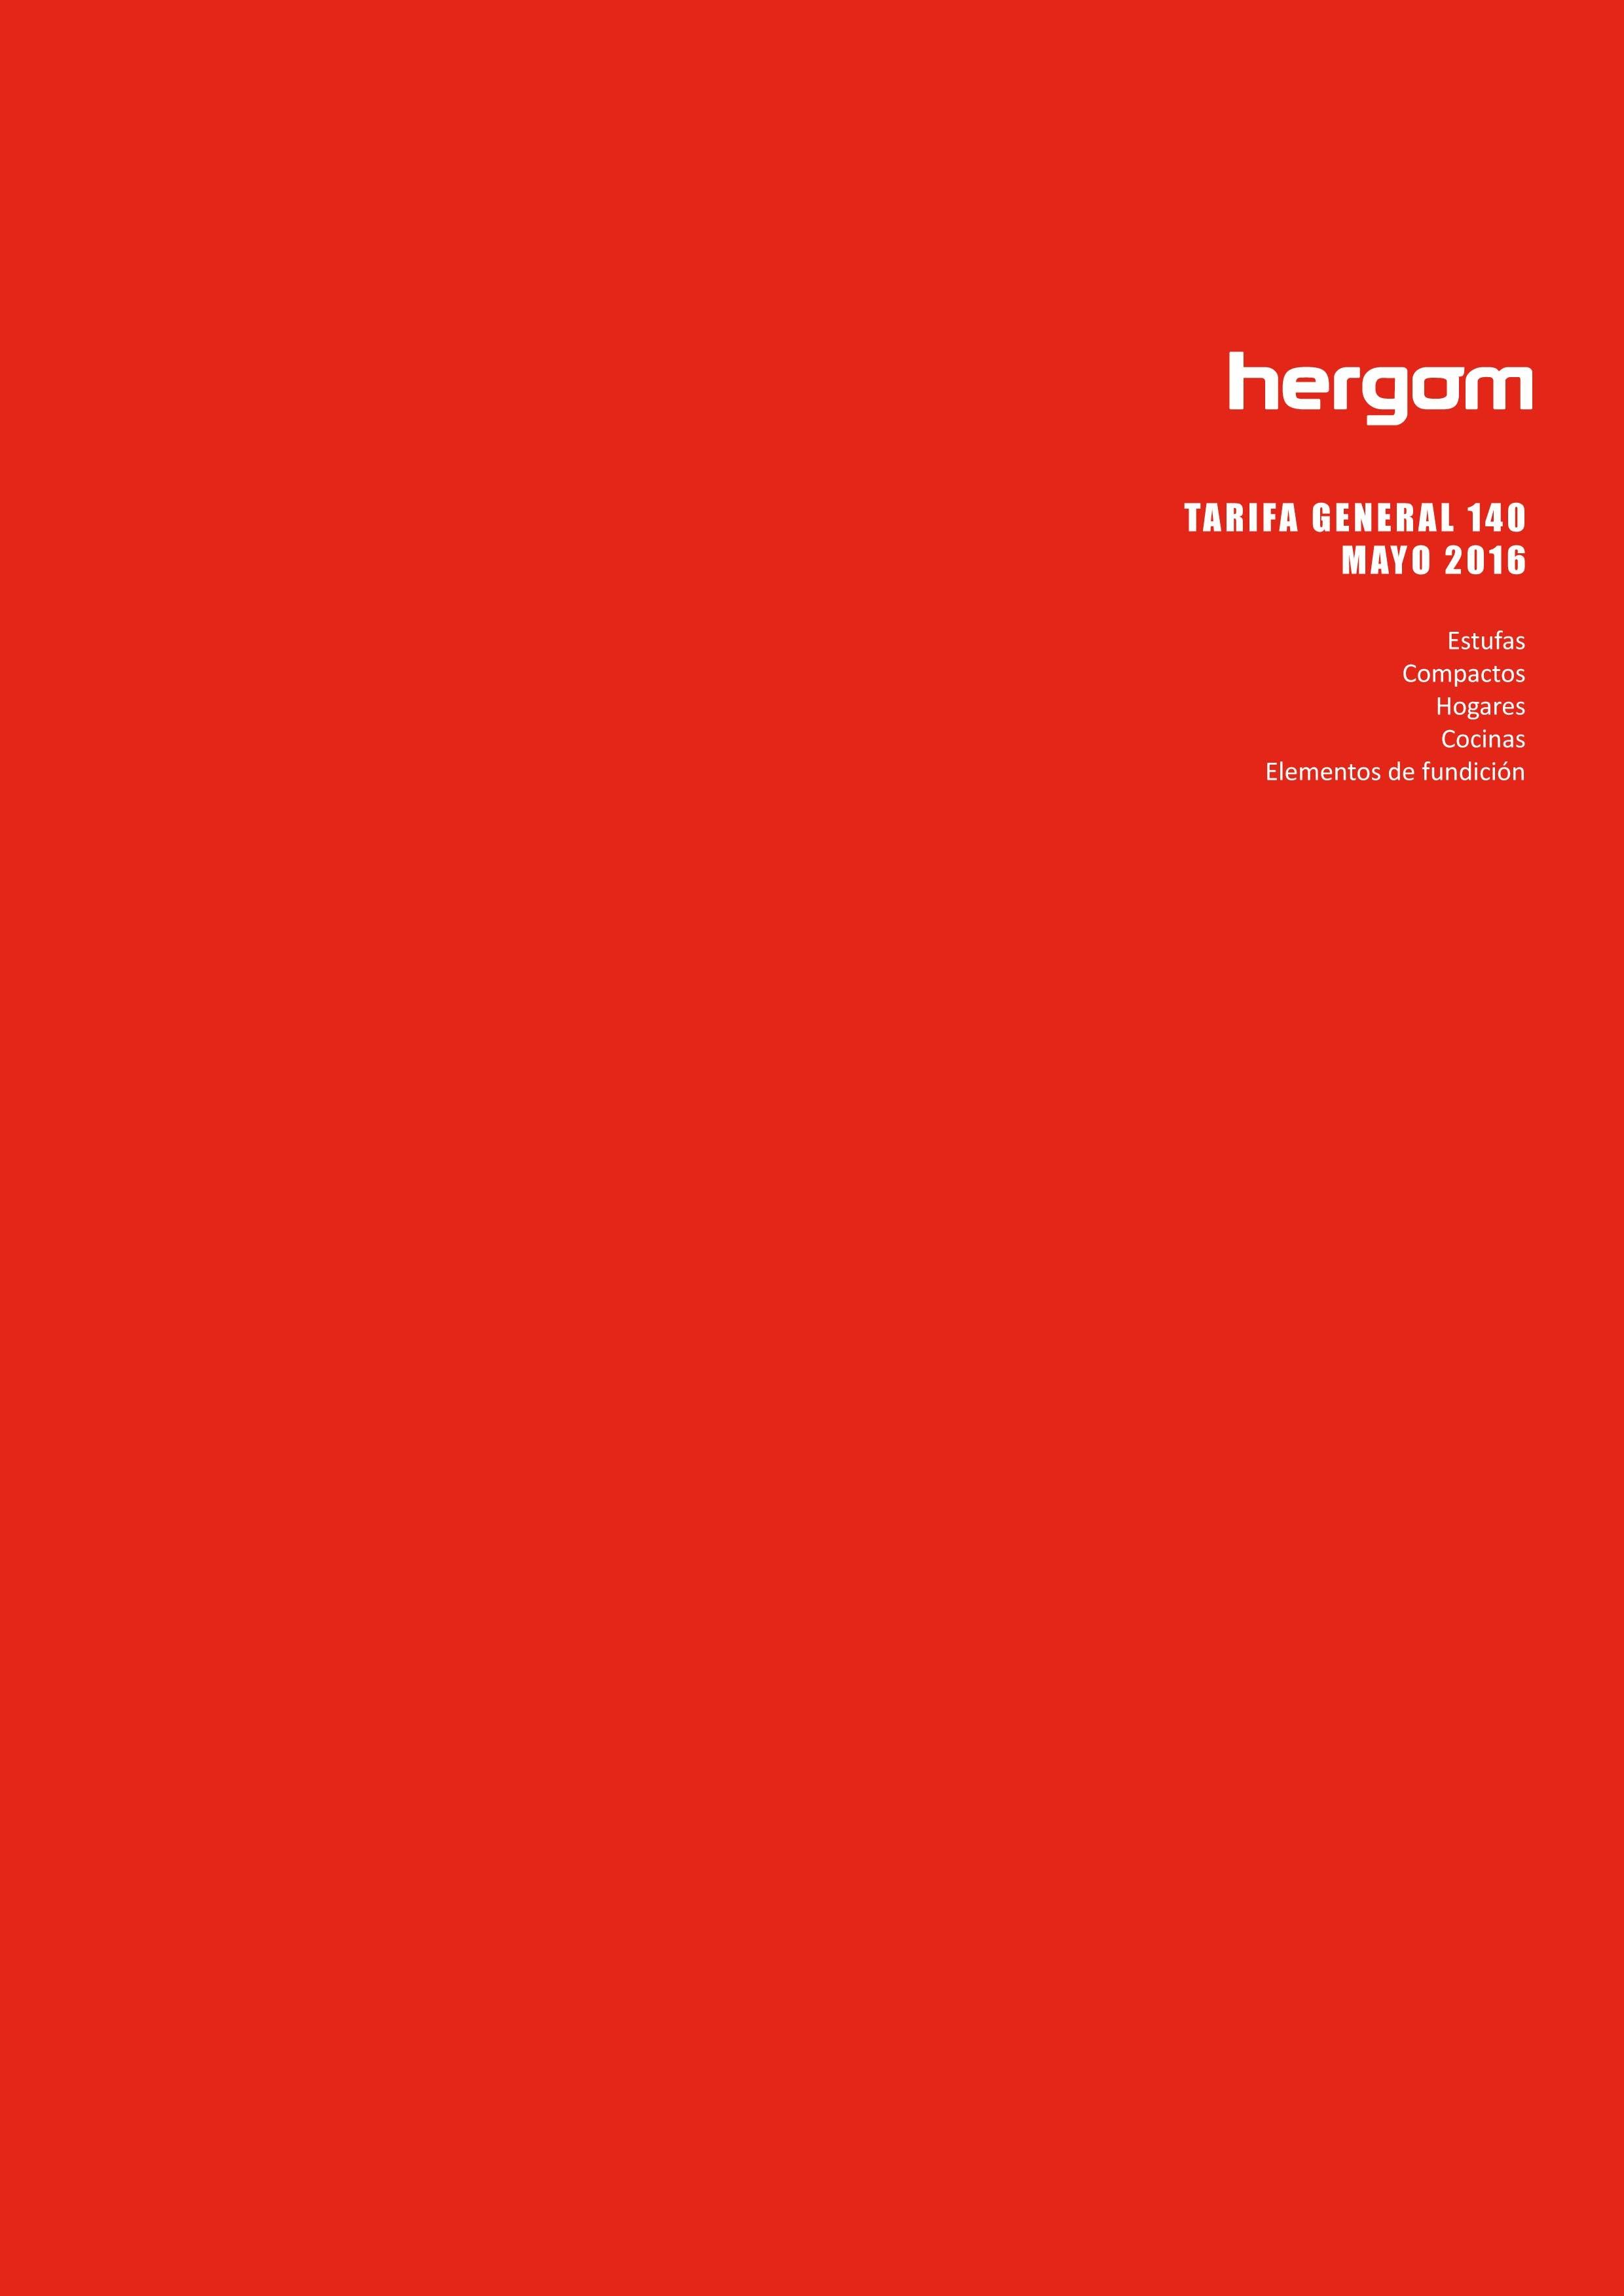 HERGÓM NUEVA TARIFA GENERAL Y COLECCIONES MAYO 2016